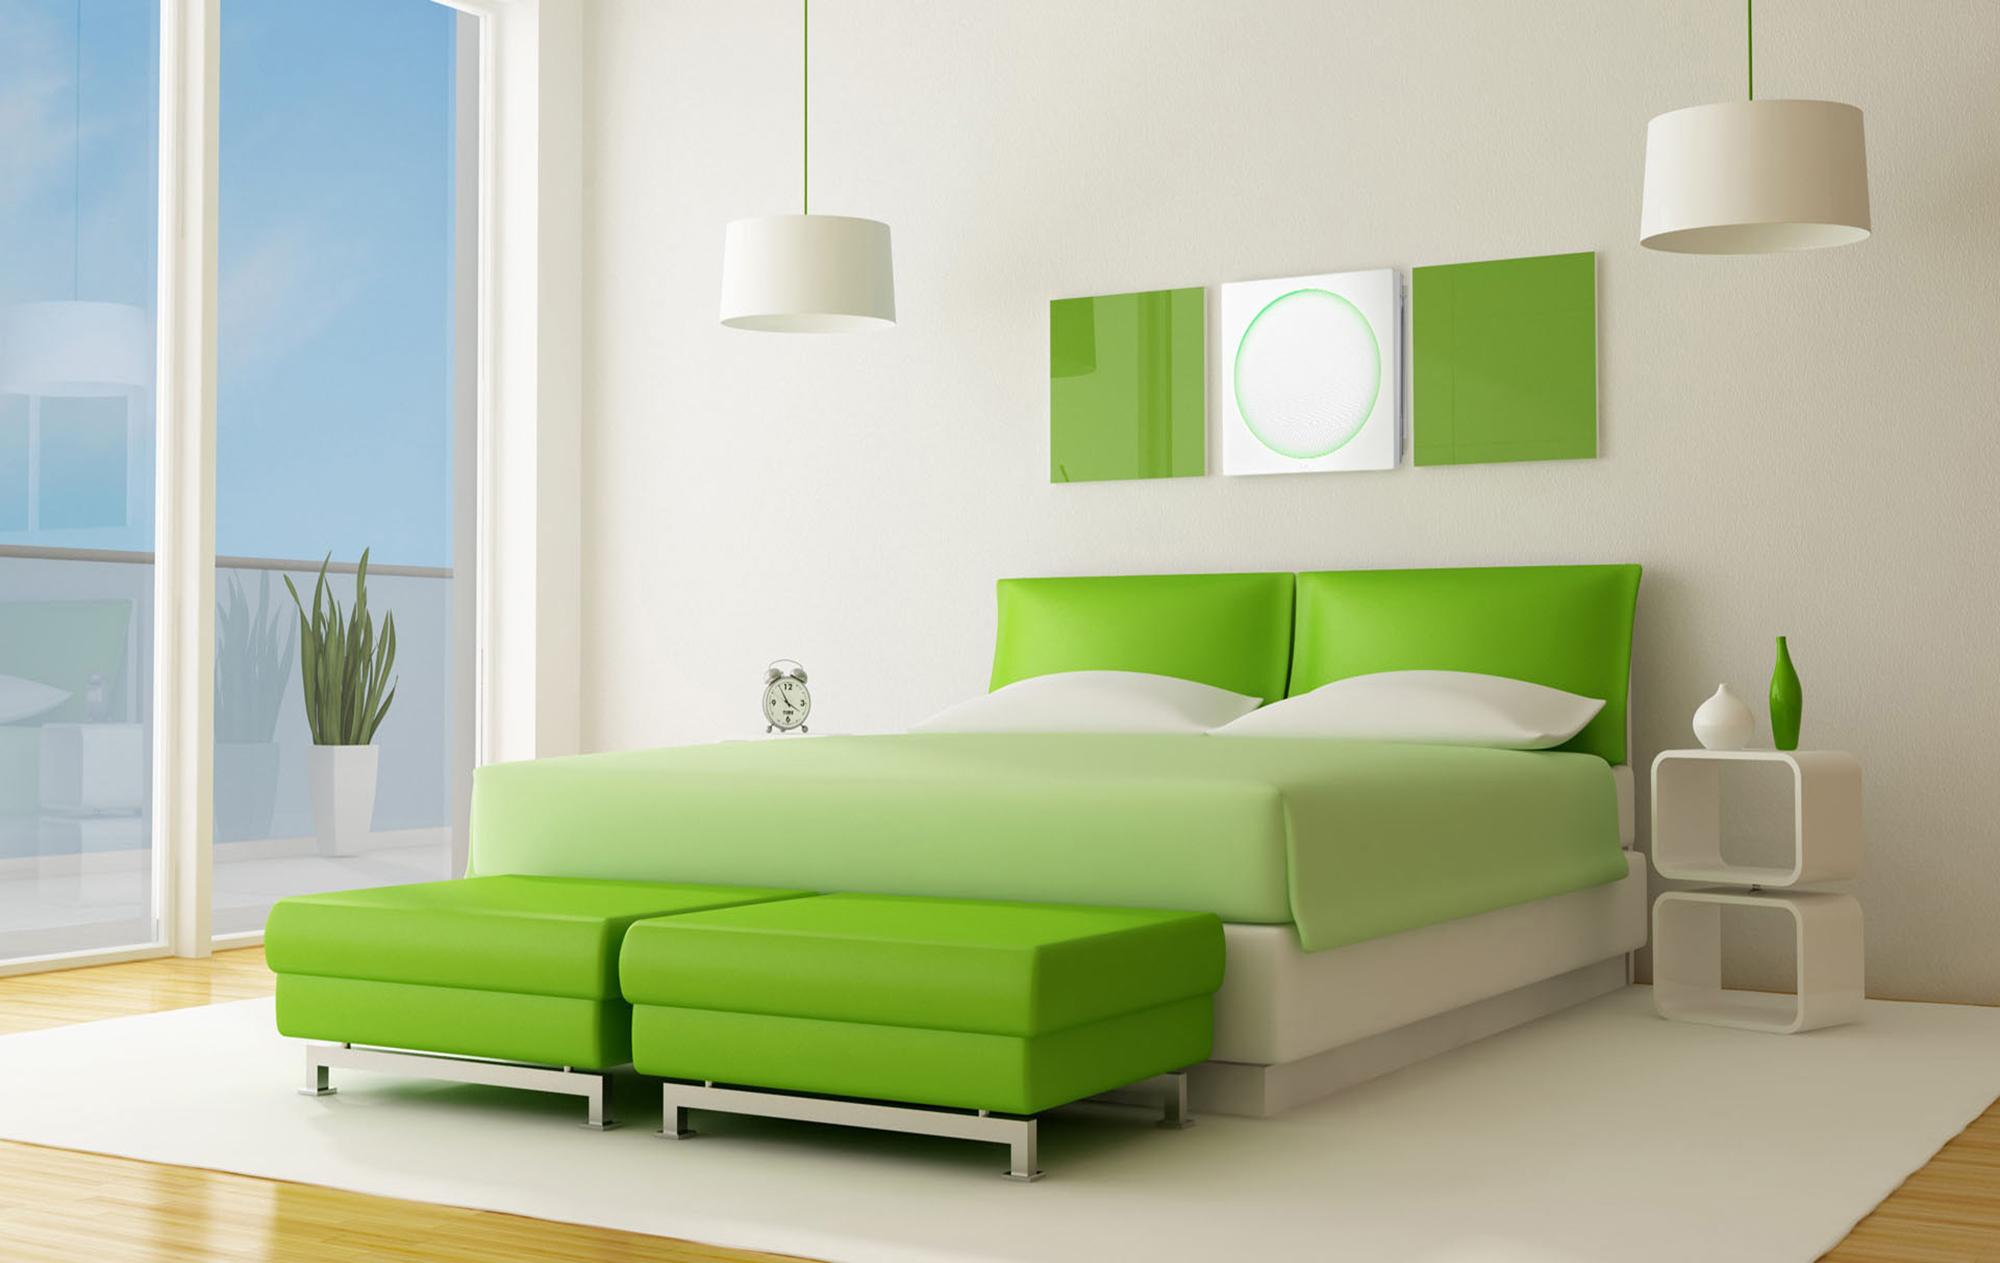 LG Design airco